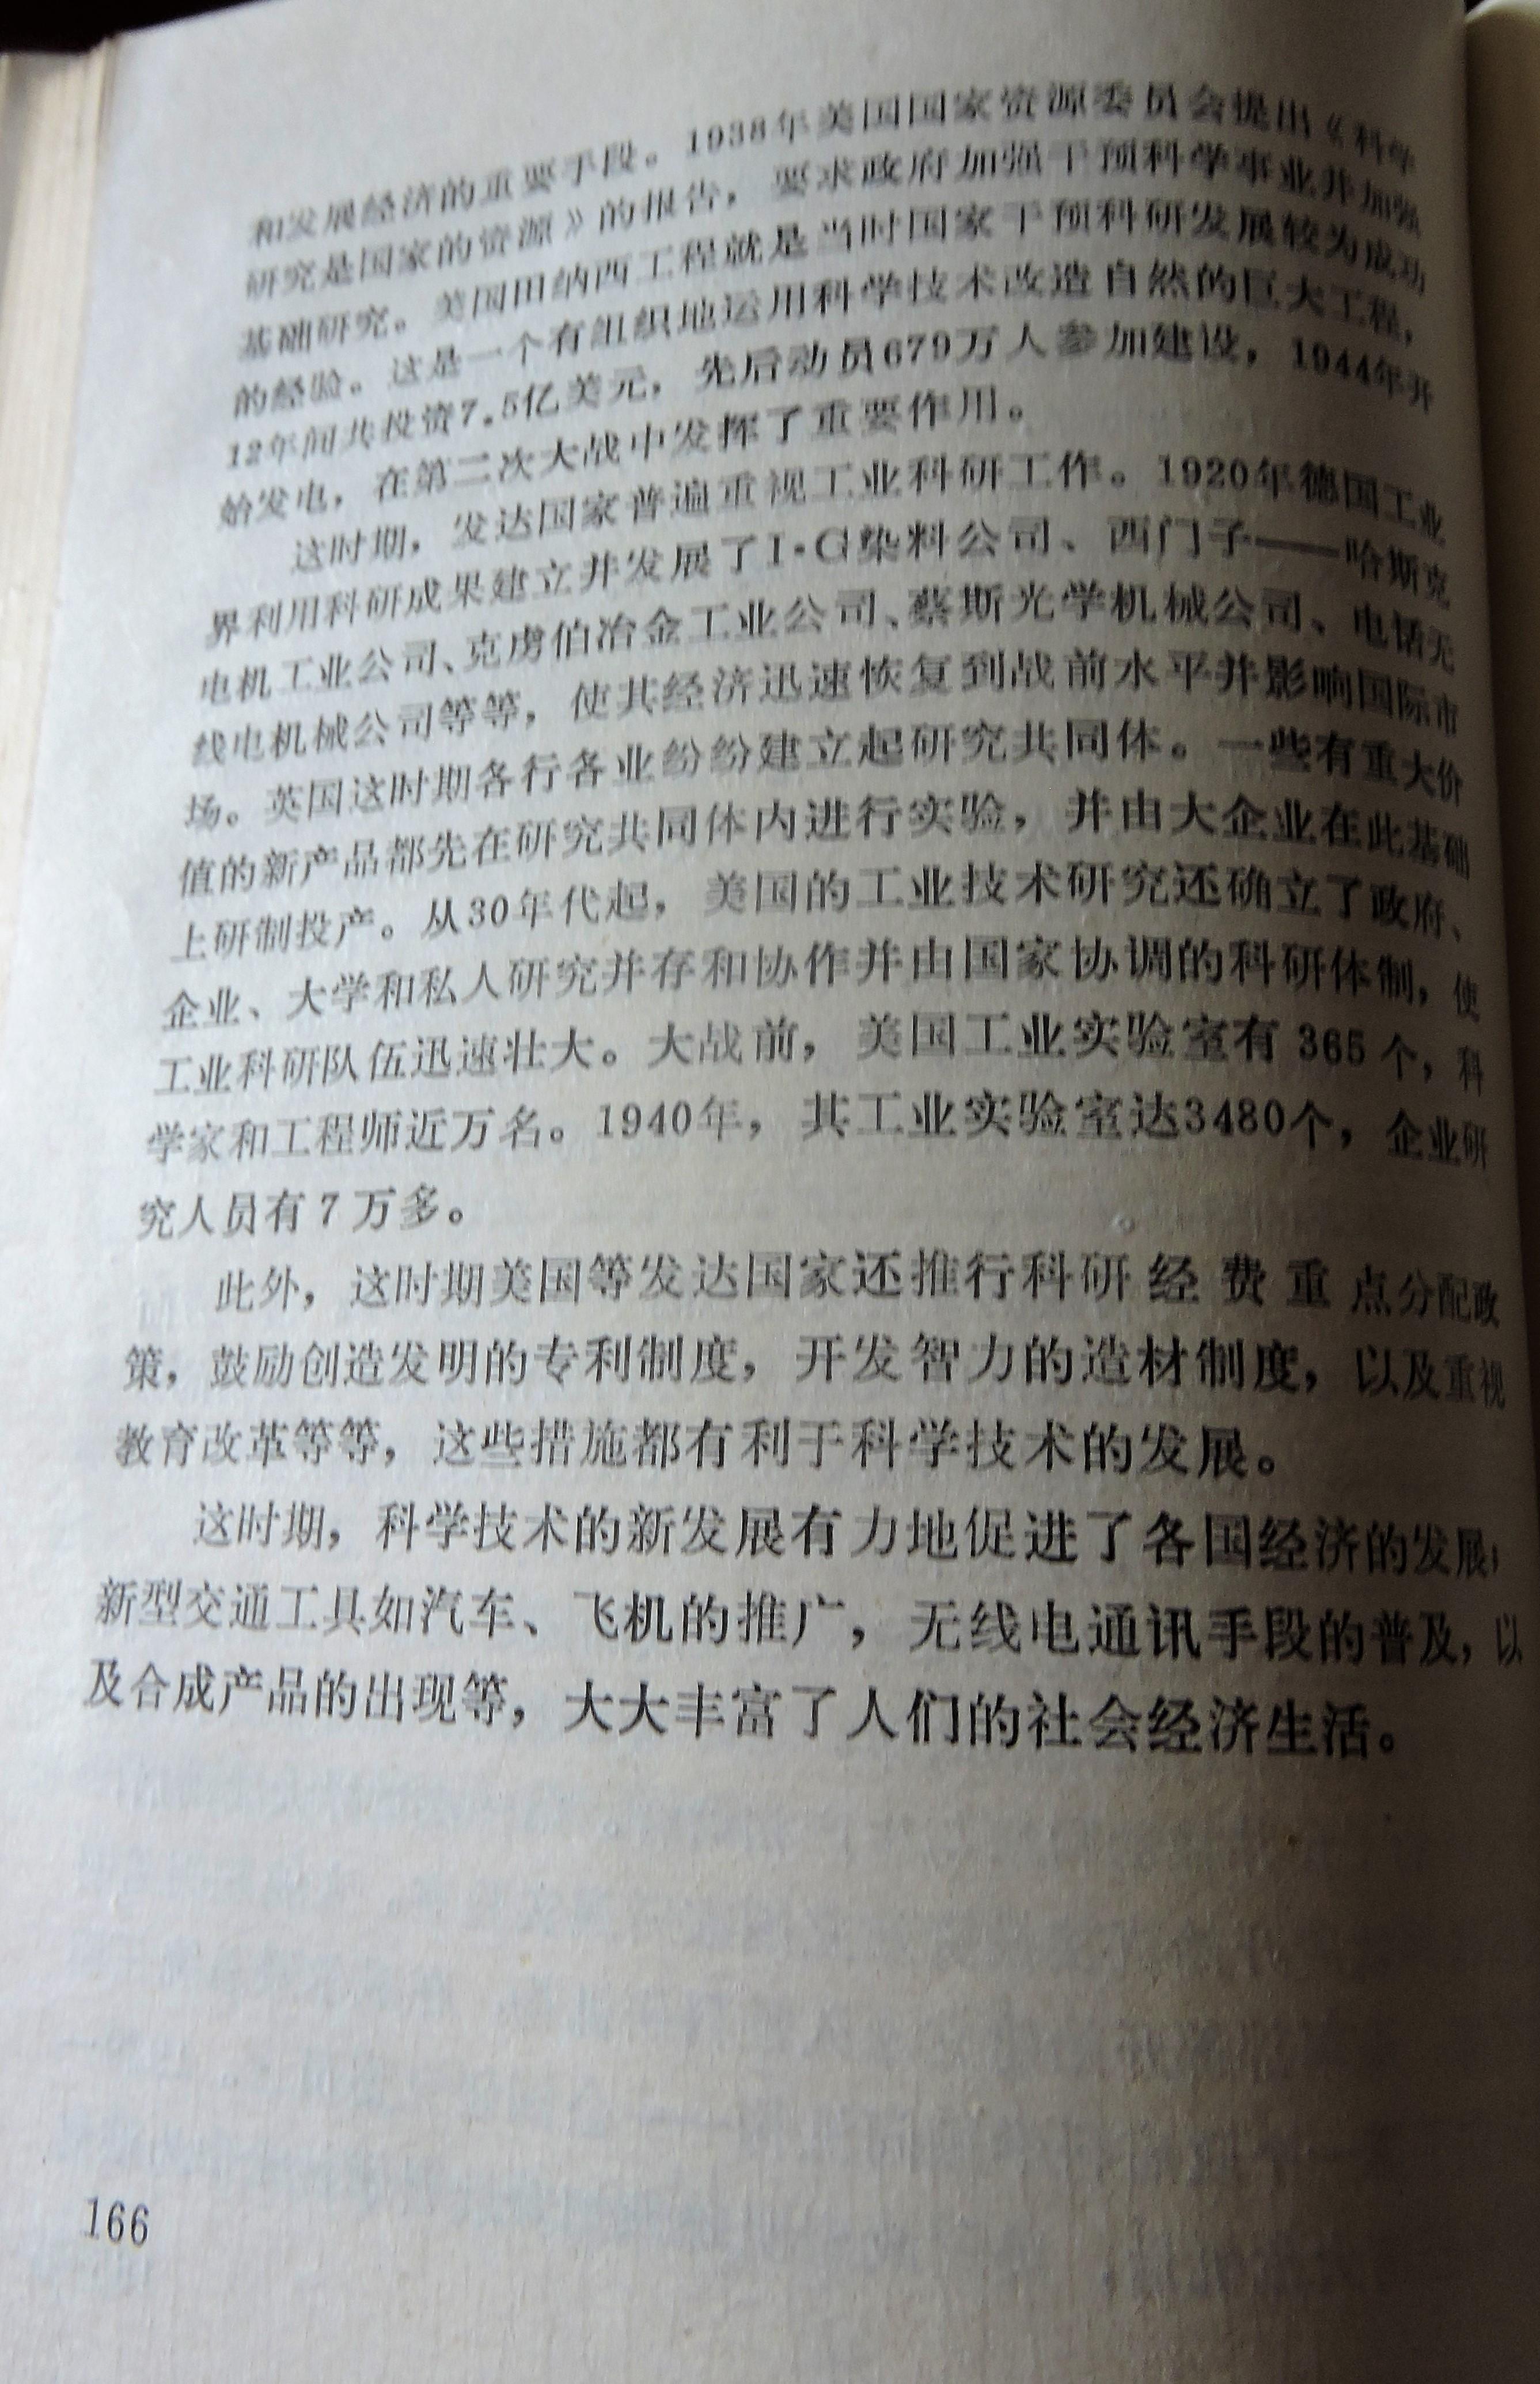 10 DSCN7883.jpg